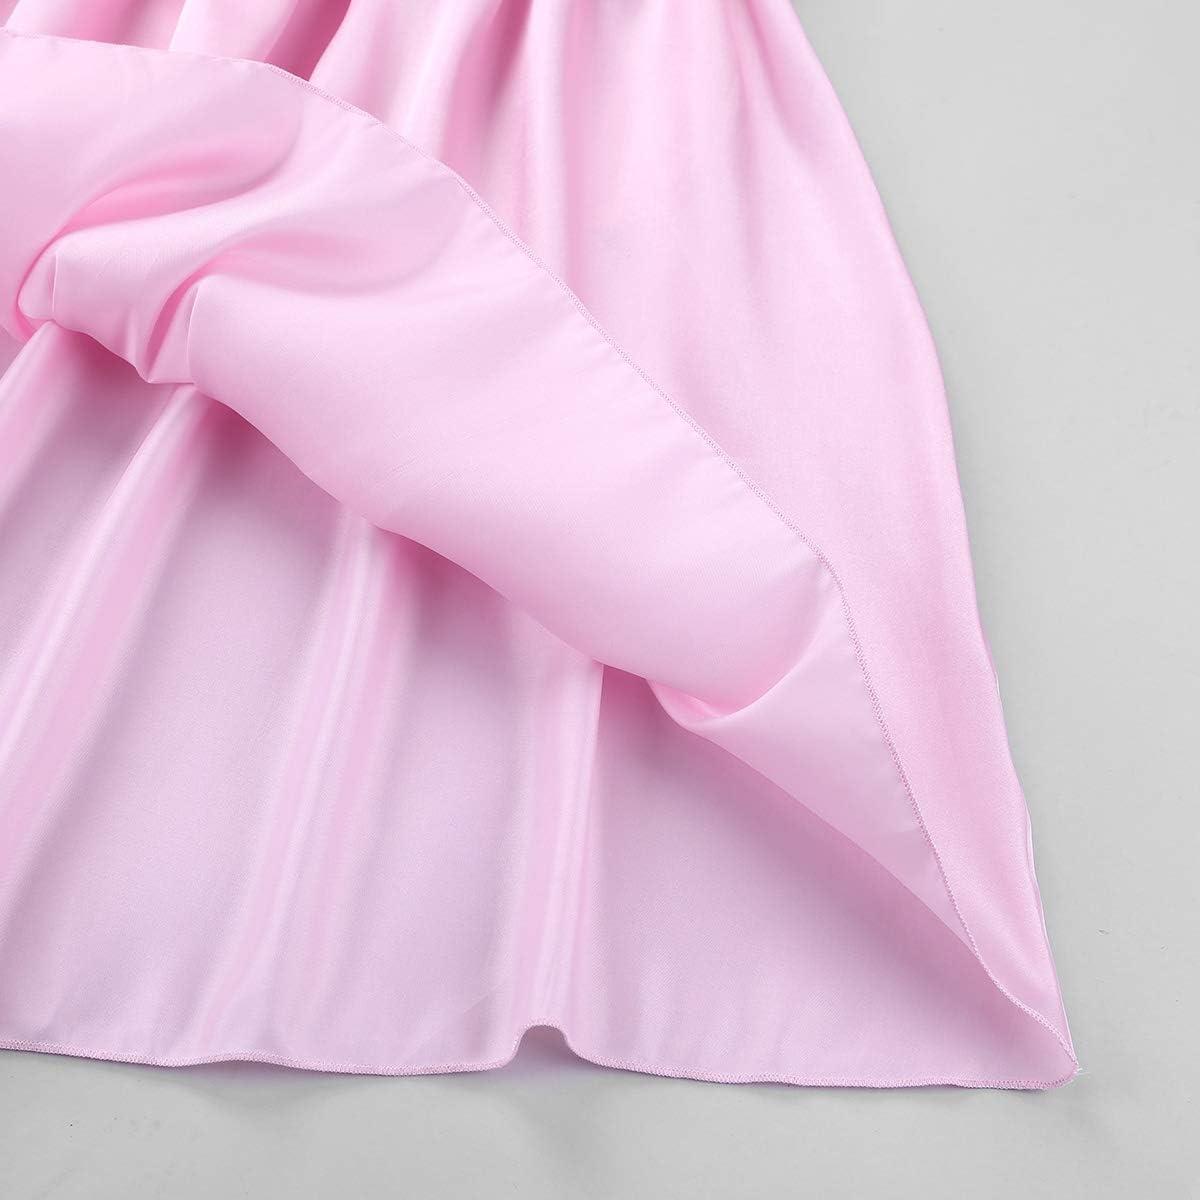 iixpin Herren Sissy Kleider M/änner Cosplay Unterw/äsche Satin Schlafanzug Dessous-Crossdresser Reizvoll Schlafanzug Party Bekleidung